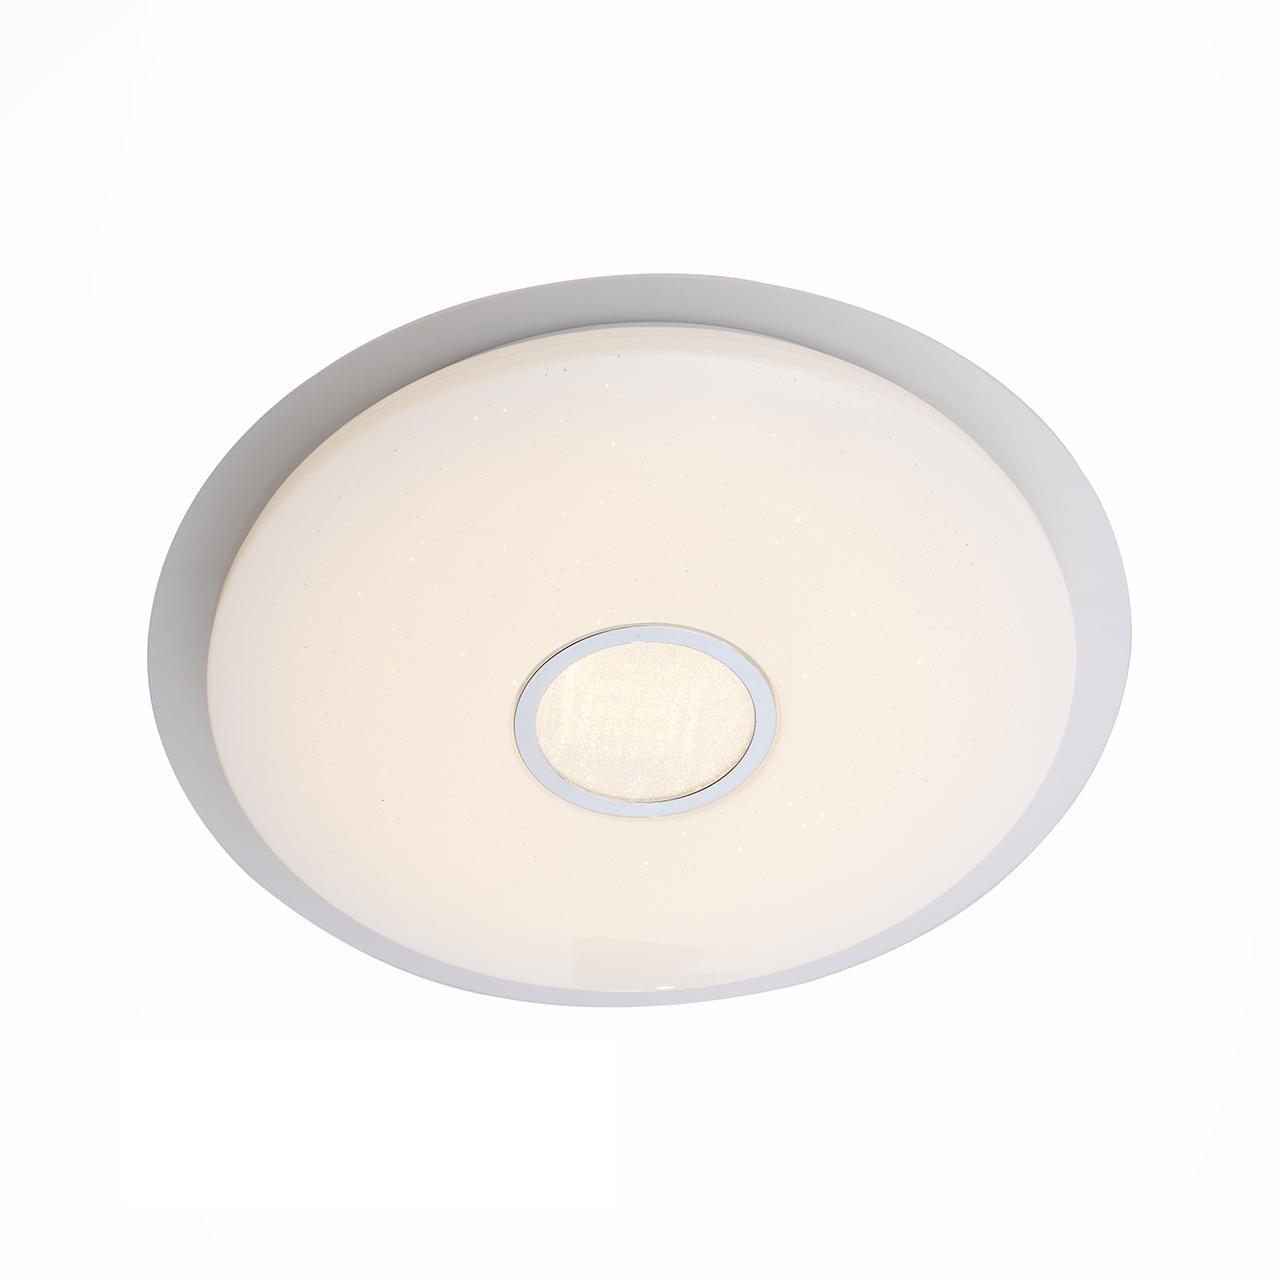 Потолочный светильник ST Luce SLE350.112.01, белый настенно потолочный светодиодный светильник st luce funzionale sle350 112 01